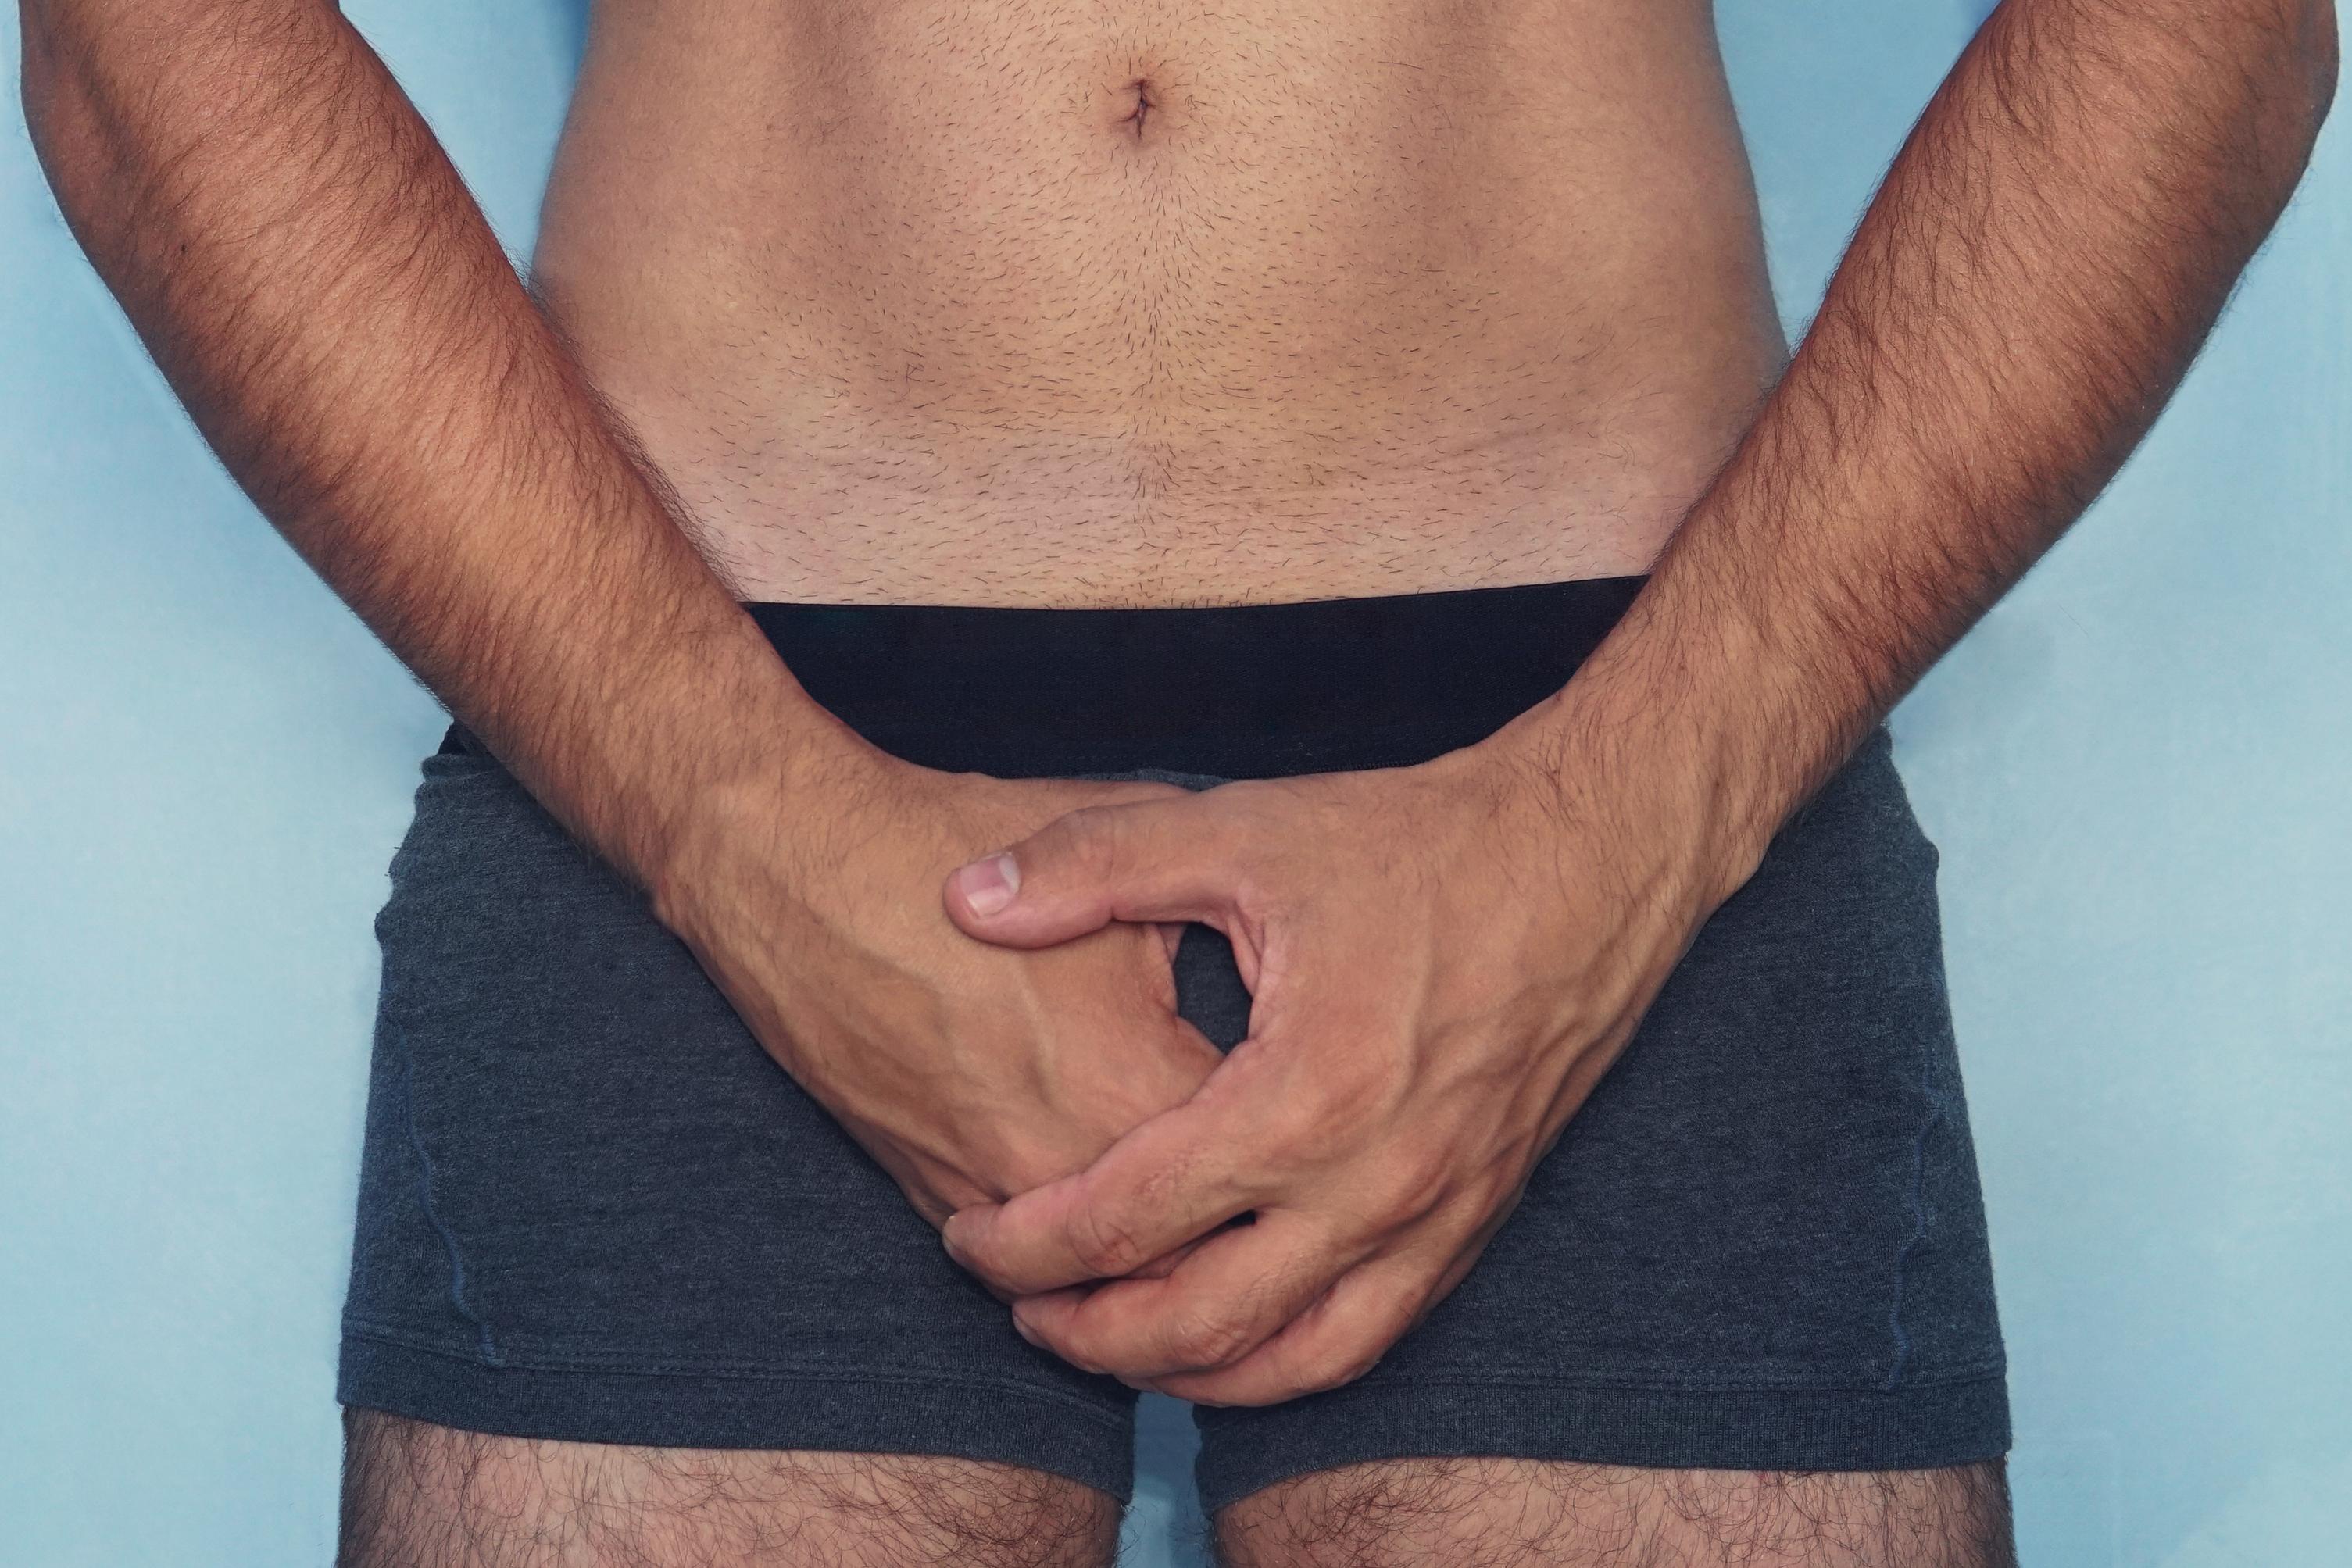 15 procent uppger att erektionsproblem får dem att känna sig omanliga.